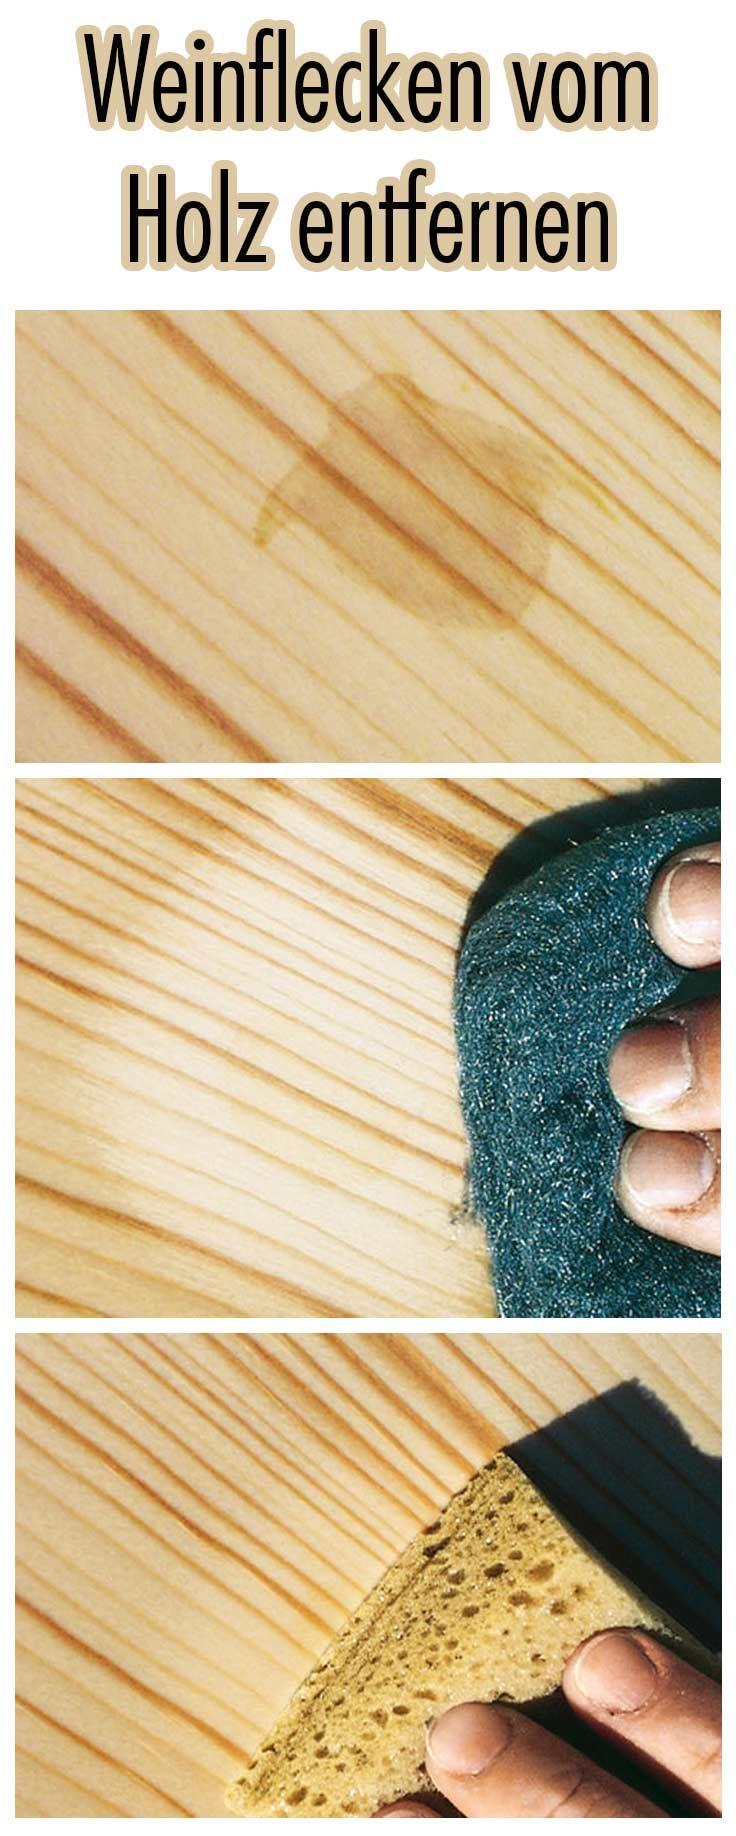 weinflecken auf dem ge lten holz kann jeder selbst. Black Bedroom Furniture Sets. Home Design Ideas